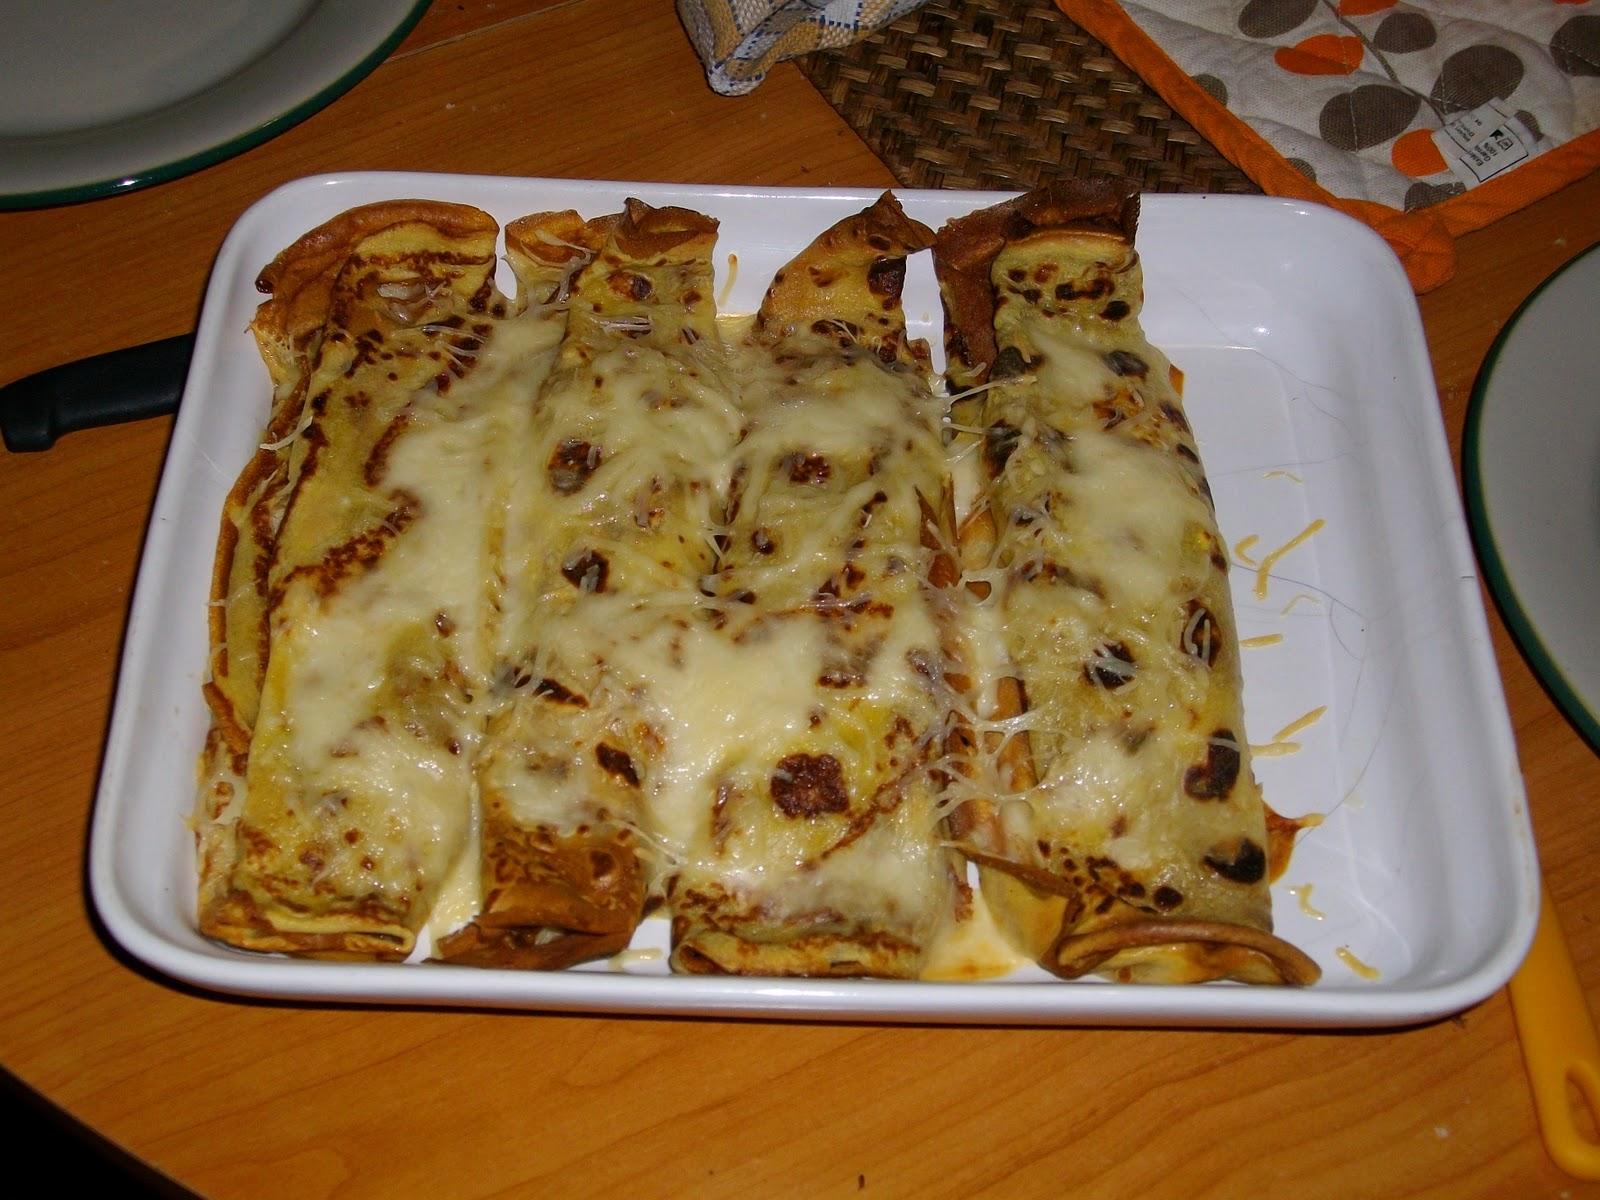 Mon livre de cuisine cr pes party du sal au sucr - Crepe party tefal recette ...